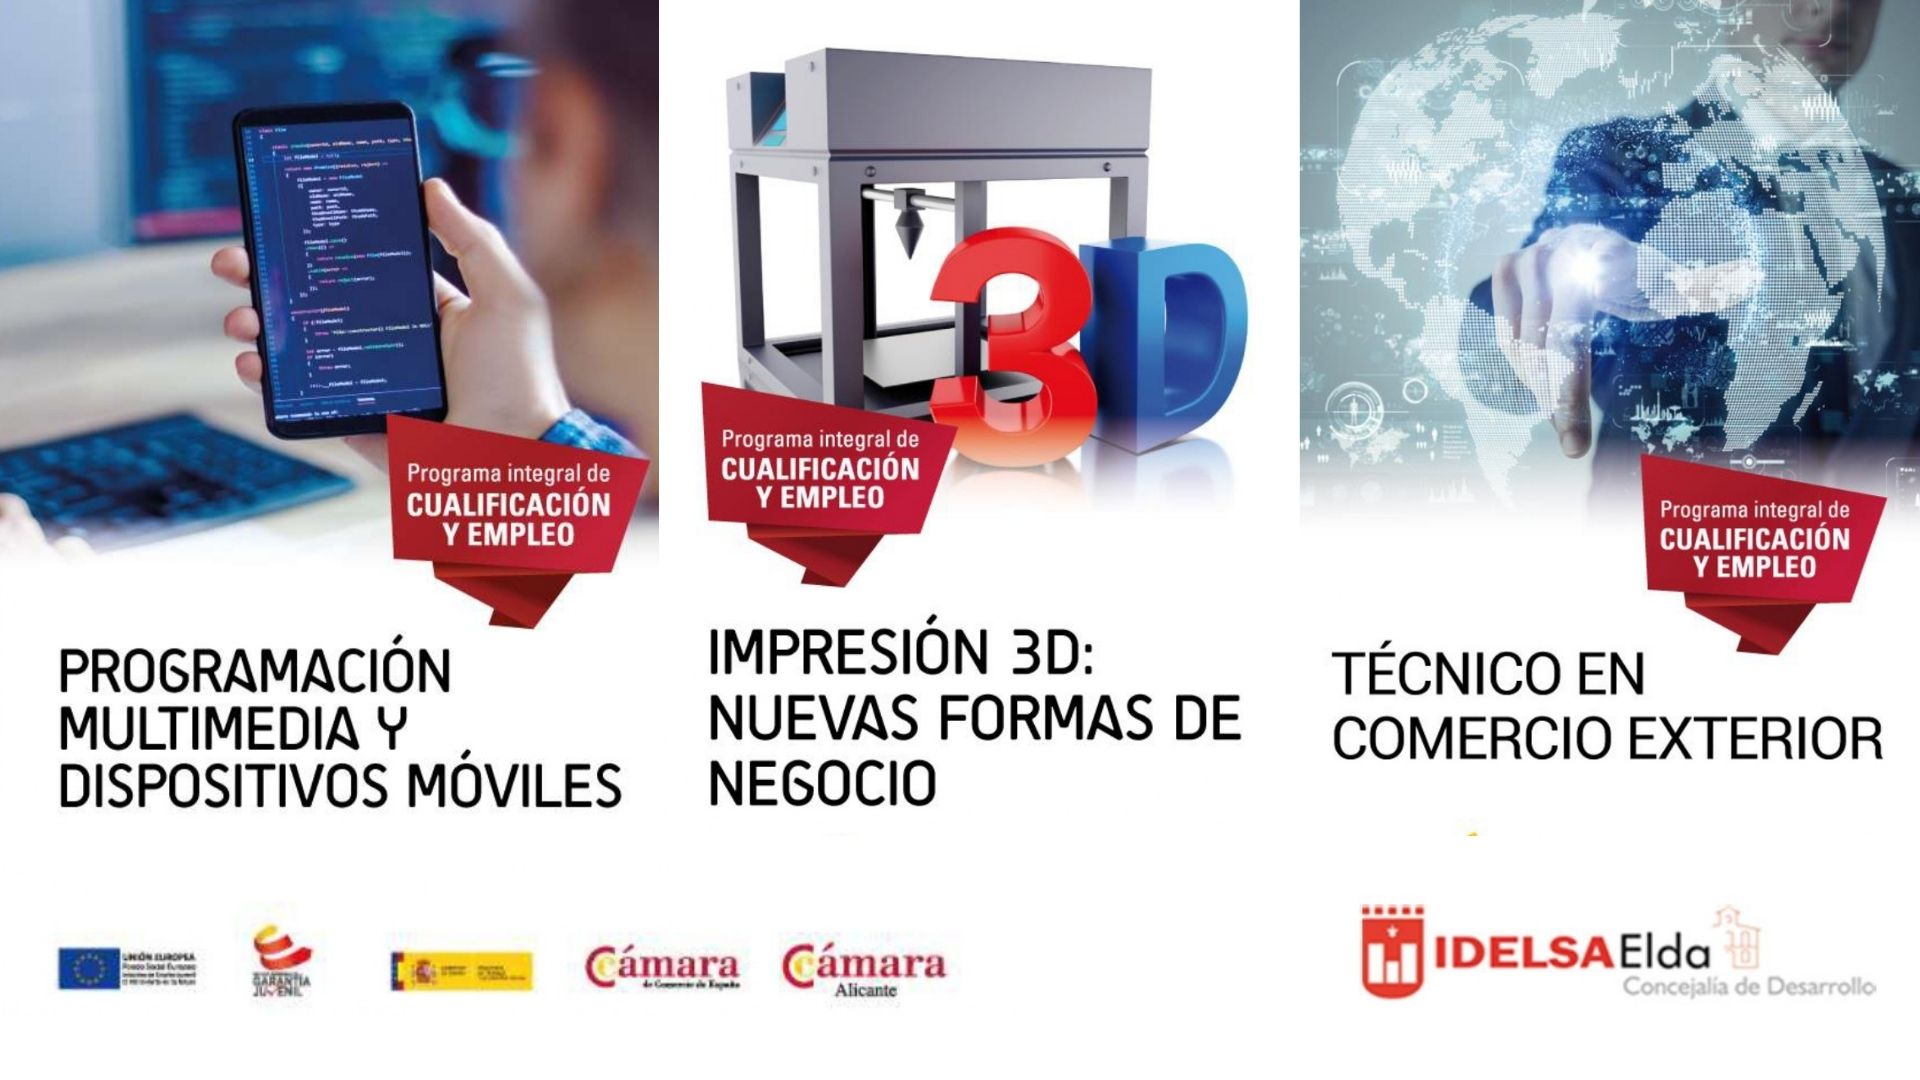 El Ayuntamiento de Elda ofrece tres cursos de formación de la Cámara de Comercio destinados a jóvenes sin empleo